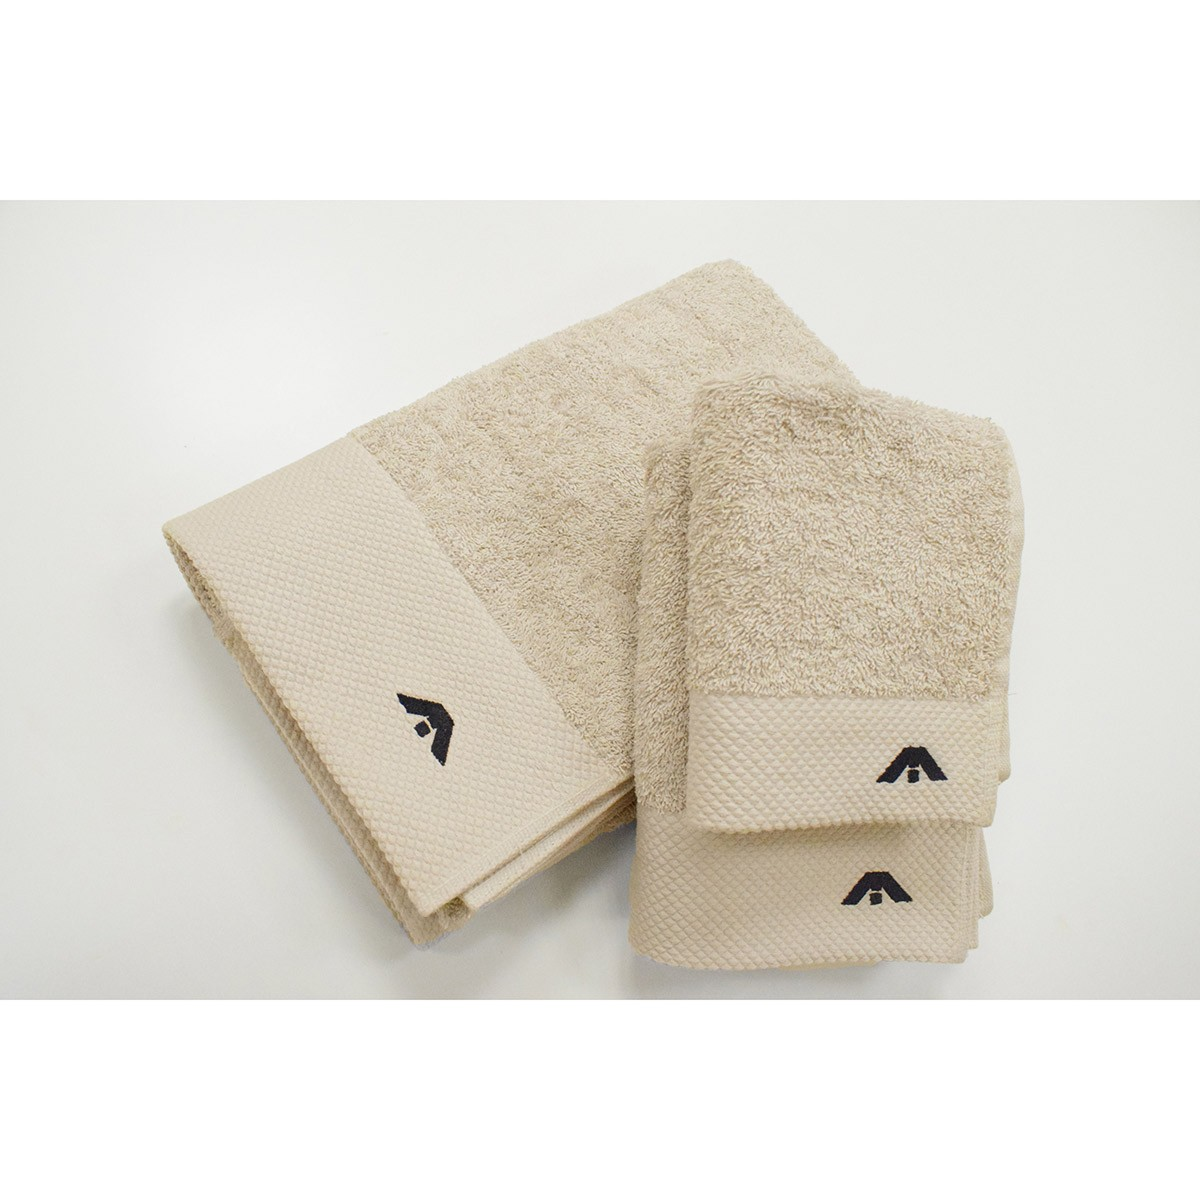 Πετσέτες Μπάνιου (Σετ 3τμχ) AP Milano Italia Linen